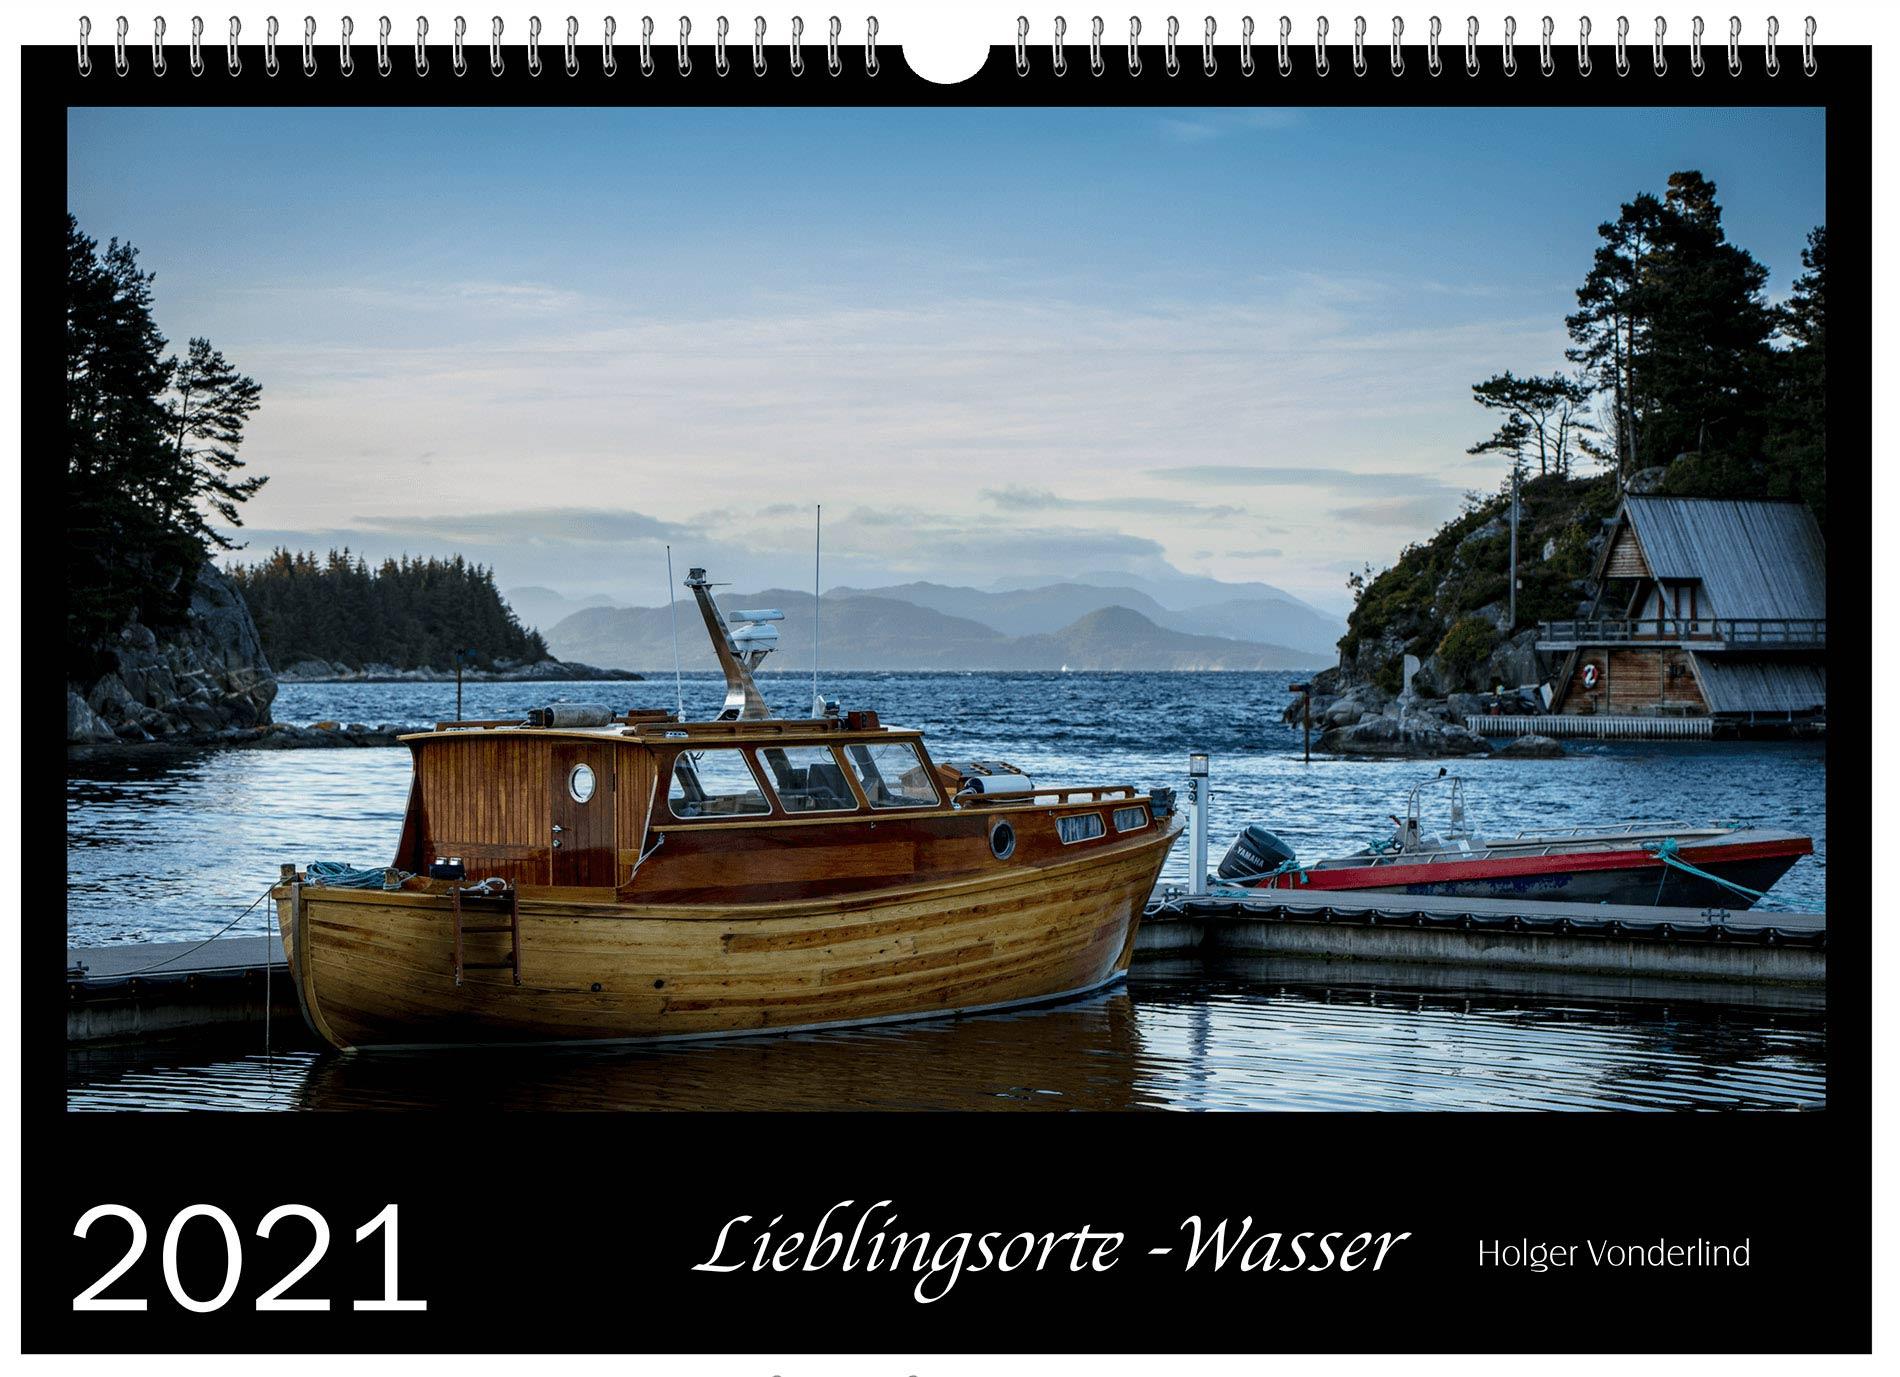 Kalender-2021-Lieblingsorte Wasser